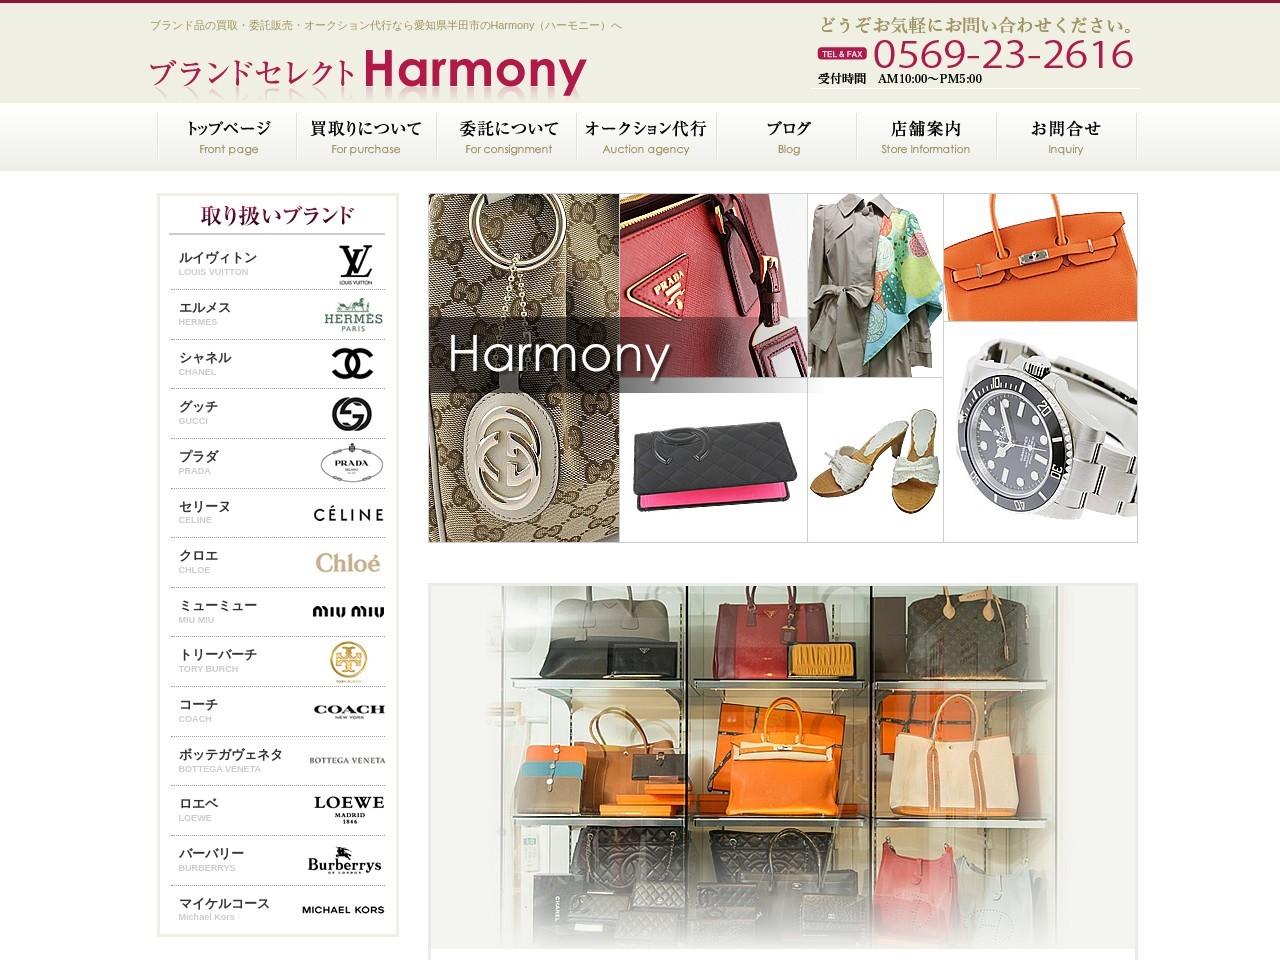 ブランド品の買取・委託販売・オークション代行なら愛知県半田市のHarmony(ハーモニー)へ